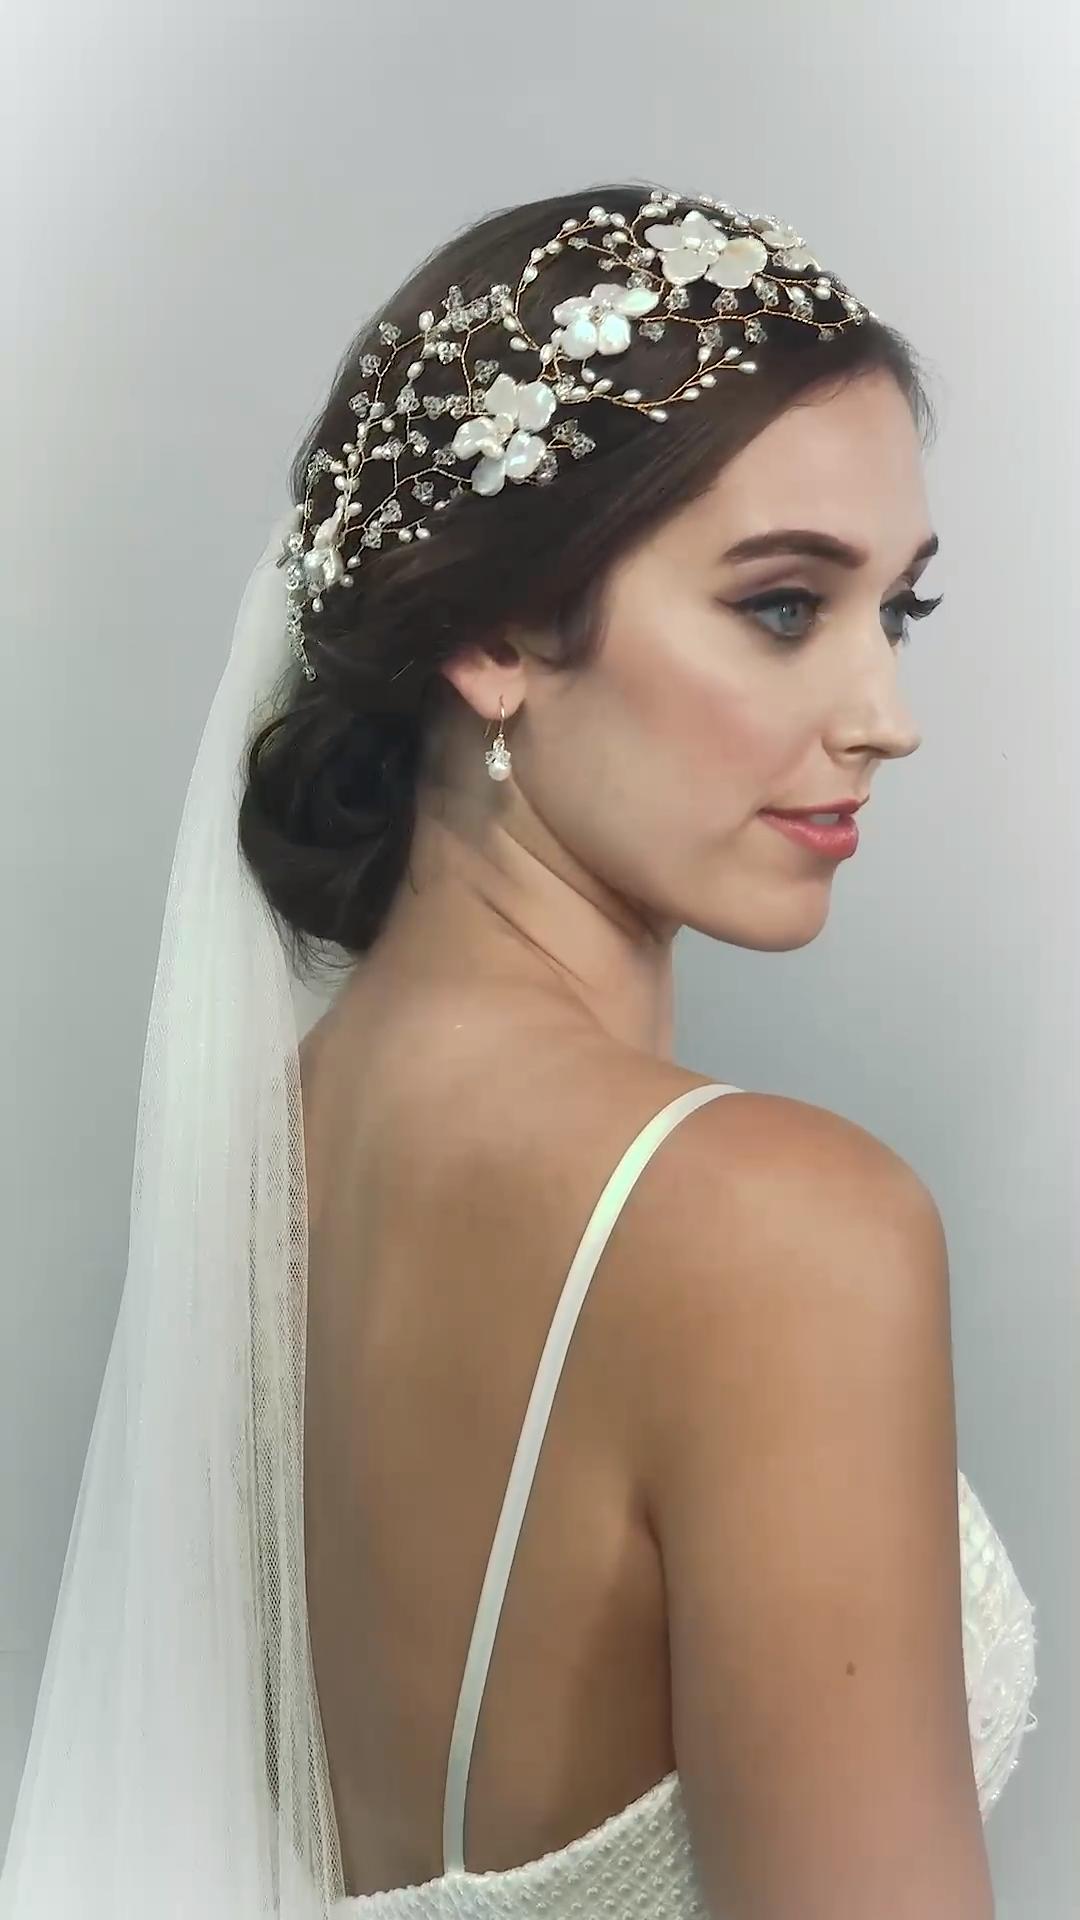 Photo of MAYO BLUSSOM TOCADOR Y VELO-accesorios de boda, corona de flores, accesorios de boda + velo